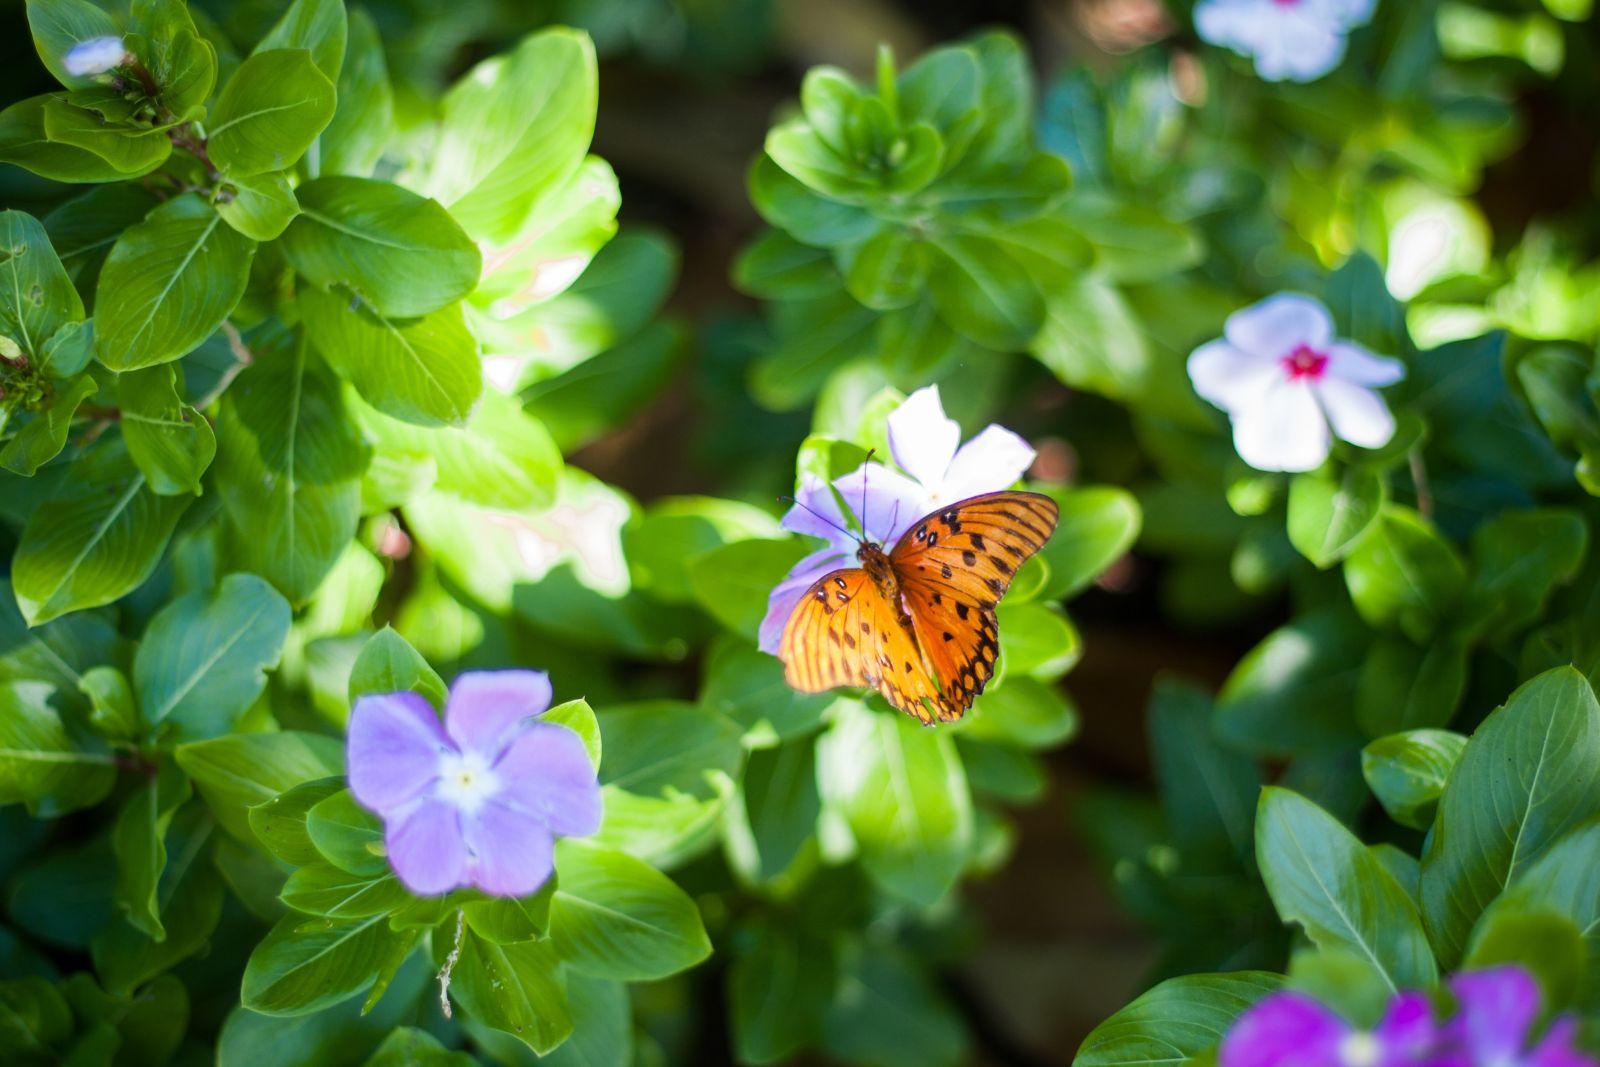 Schmetterling sitzt auf einer fliederfarbenen Blüte